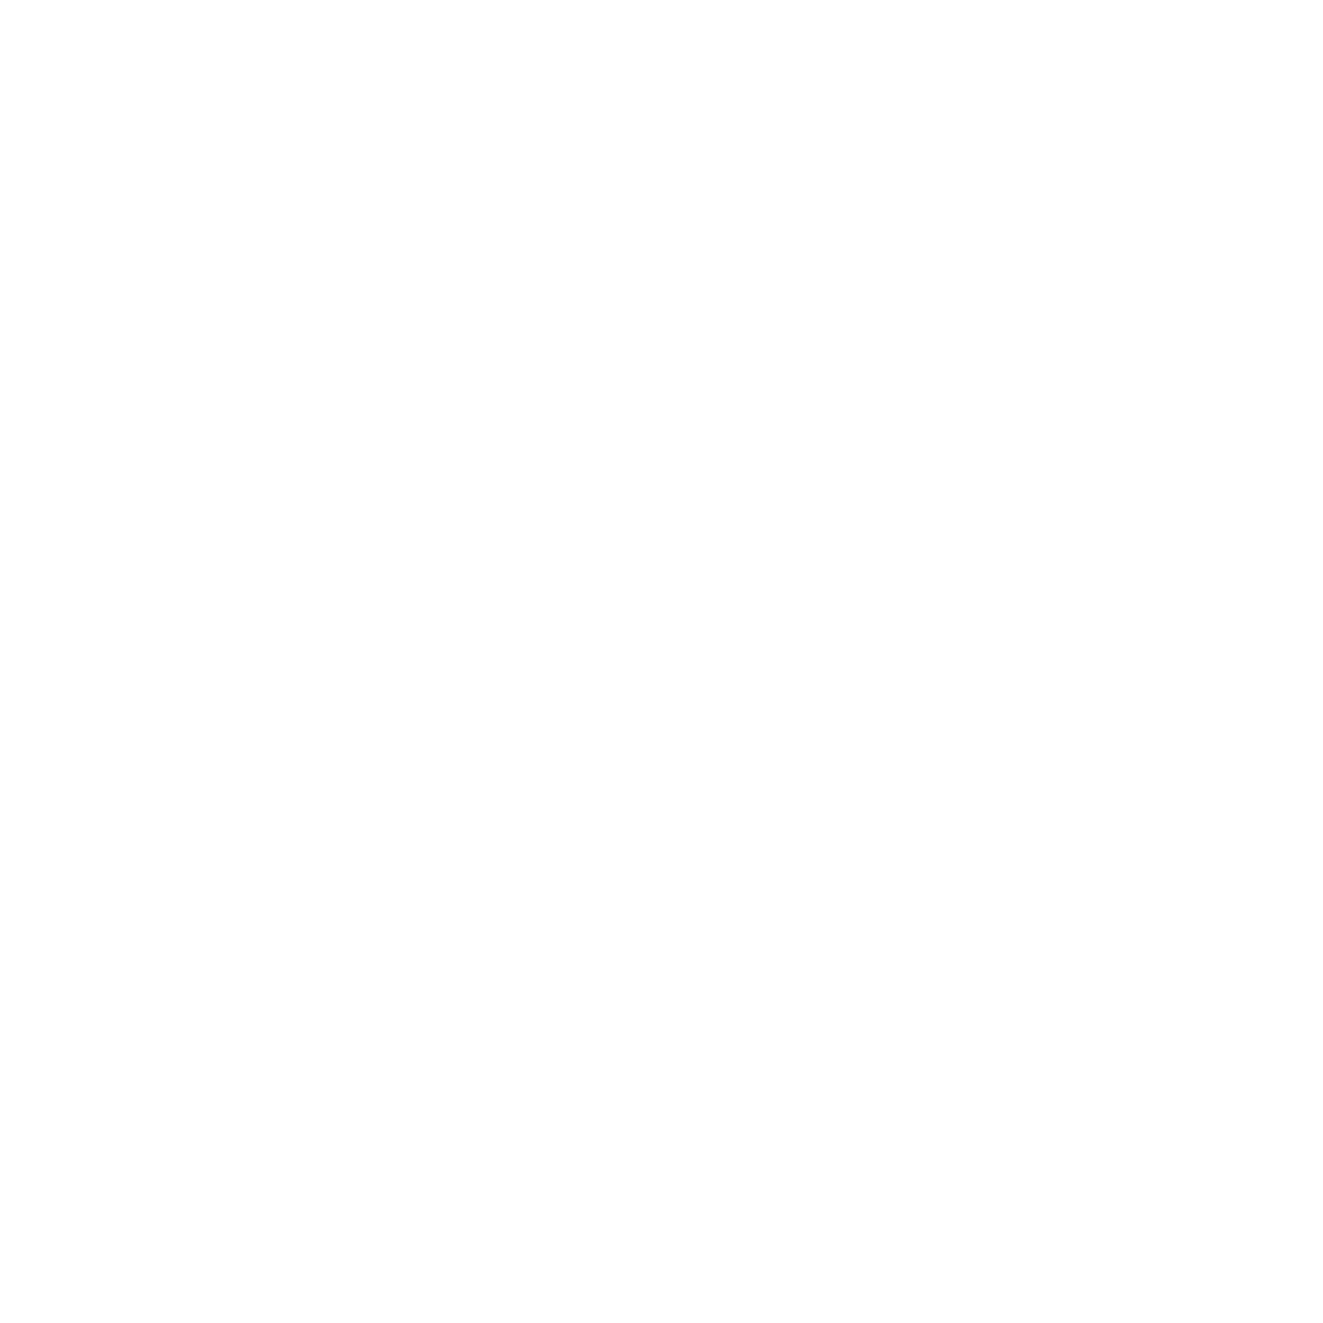 Decorative 'scroll down' icon